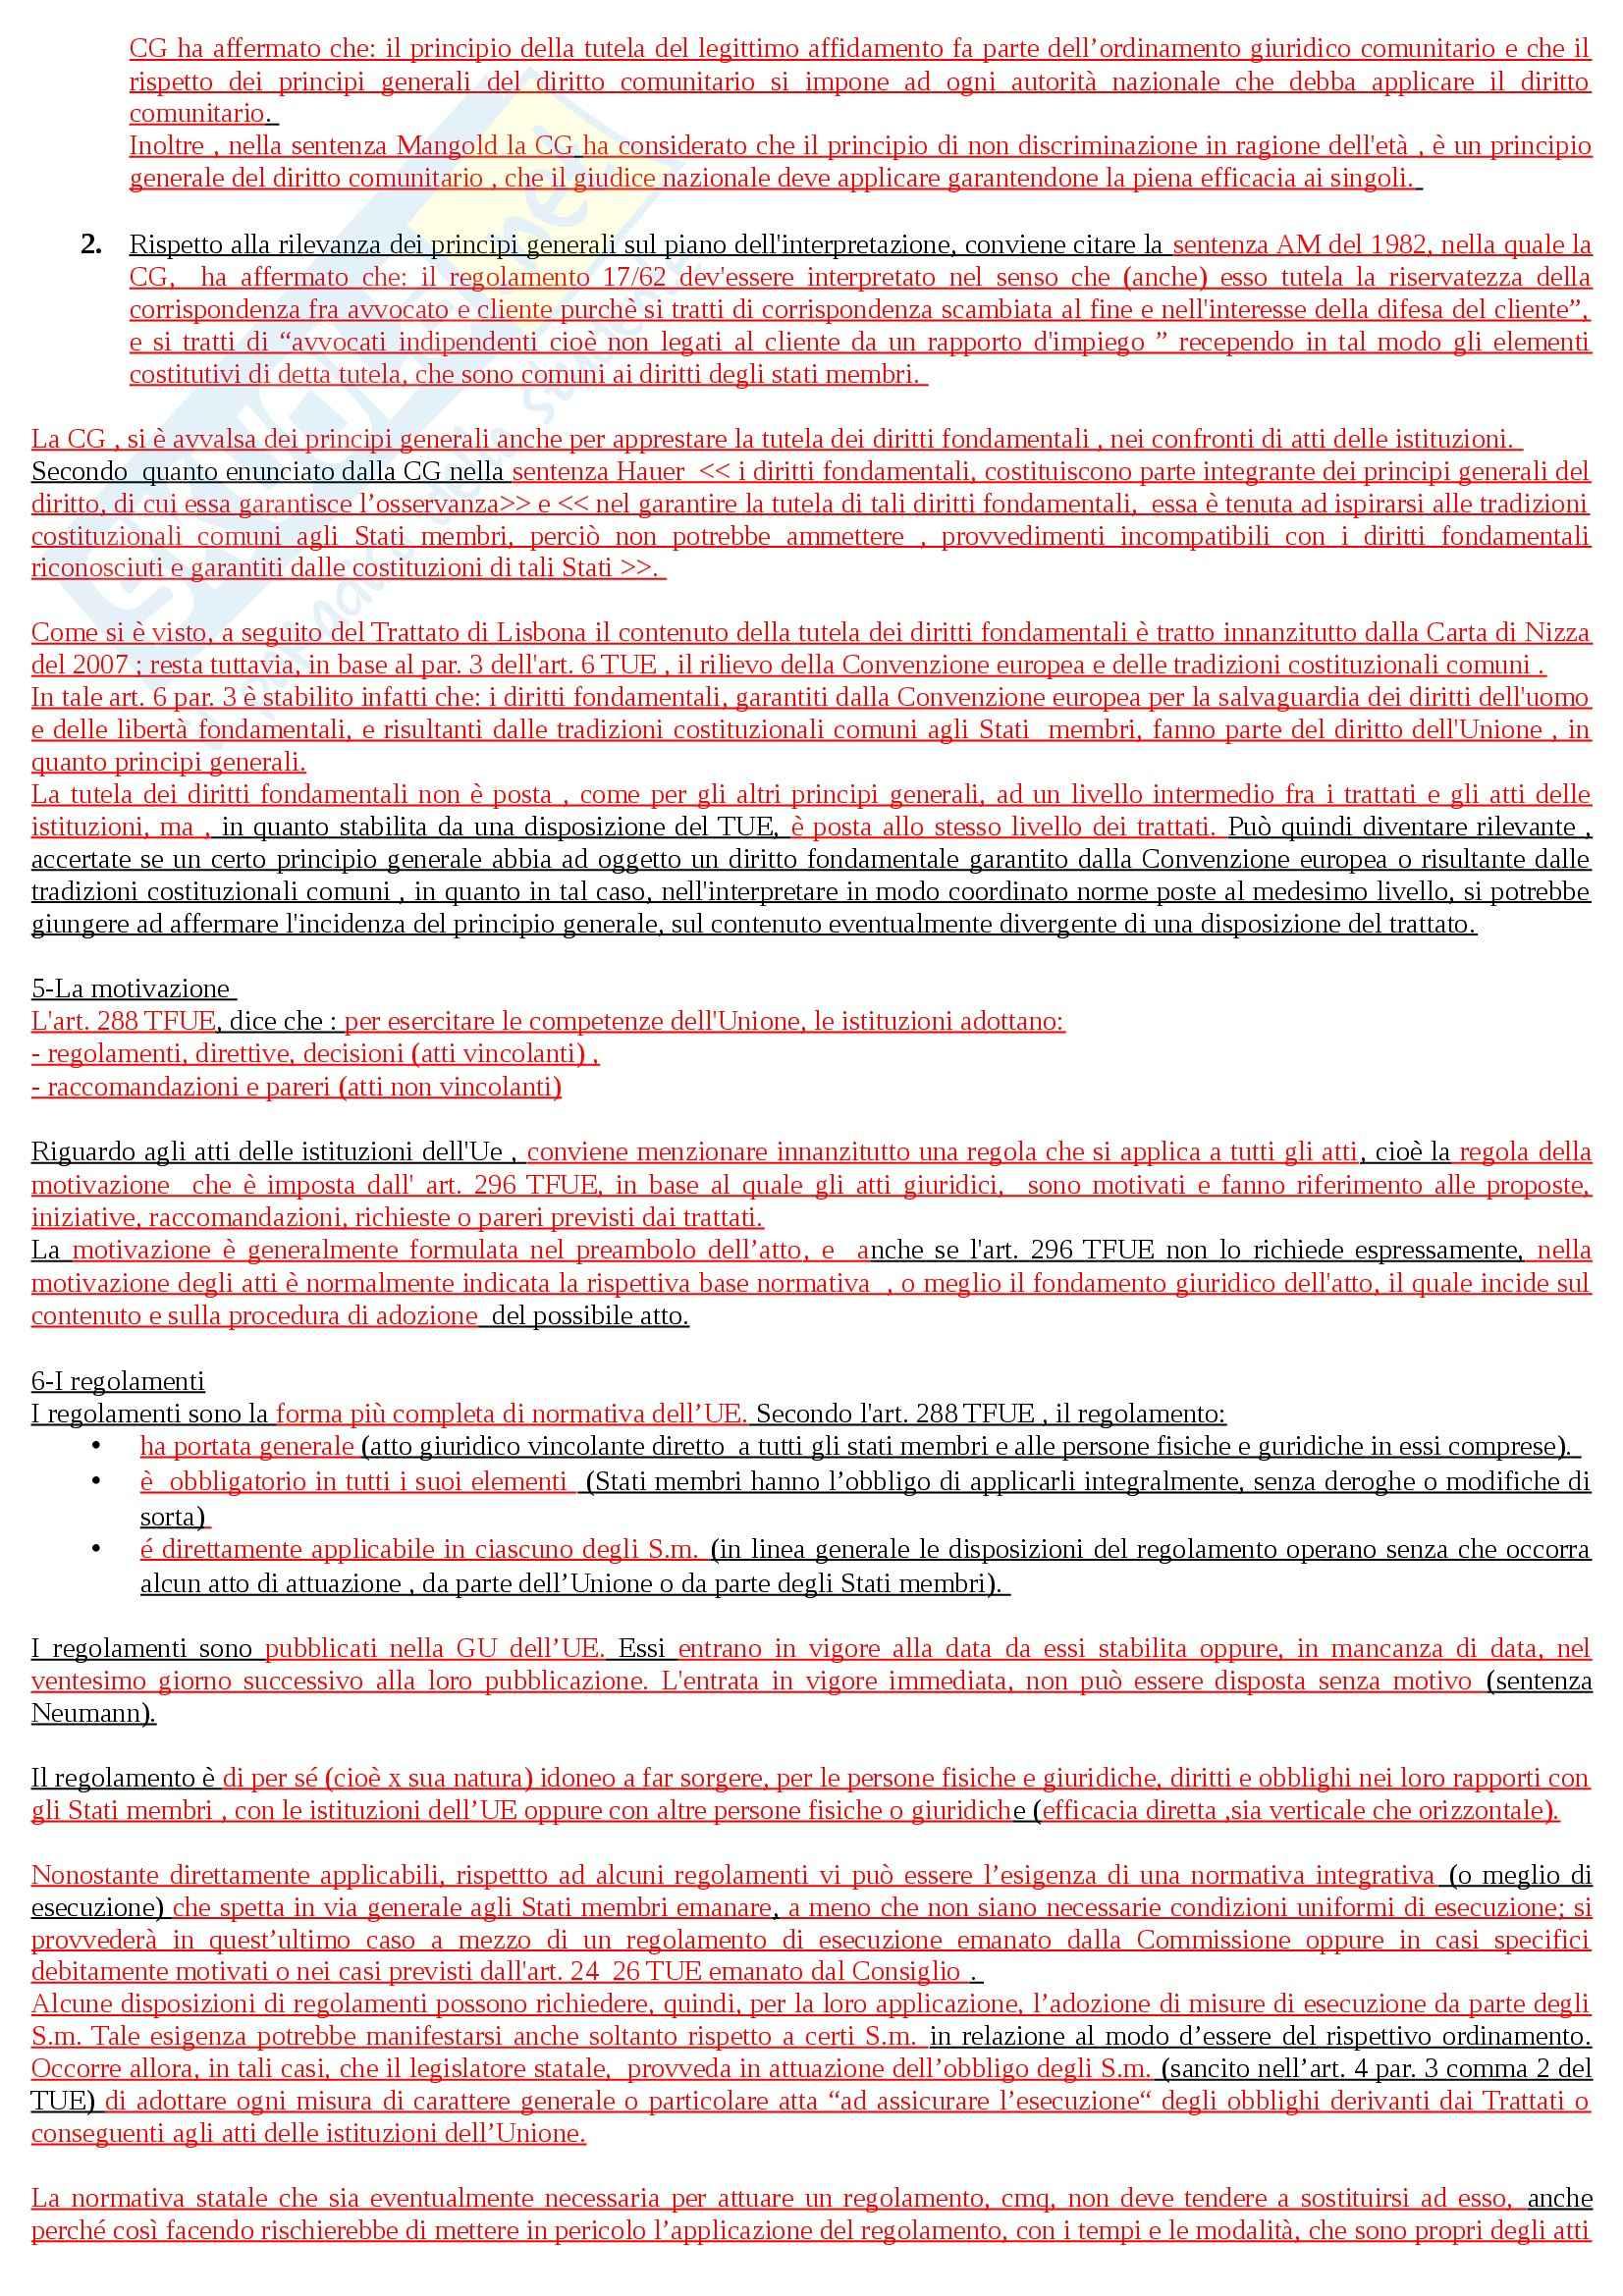 Riassunto esame Diritto dell'Unione Europea, prof. Adinolfi Pag. 41